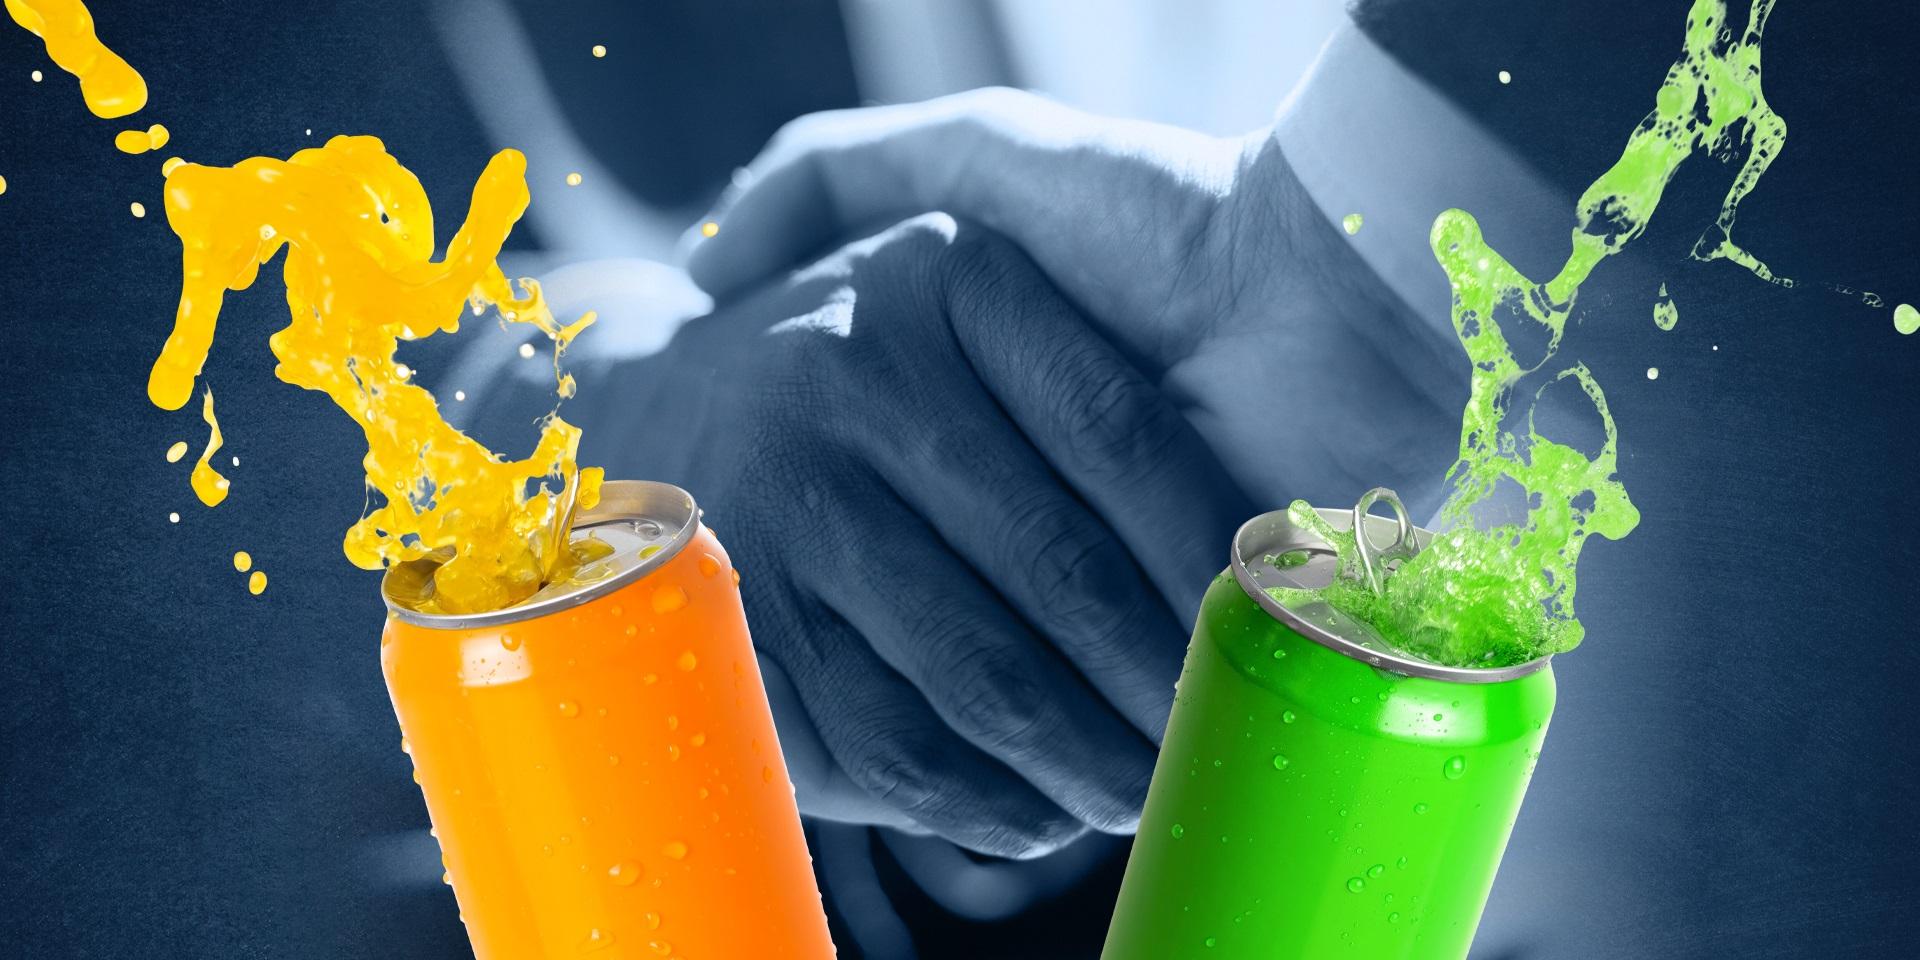 FlavorSum alliance with Whittle & Mutch